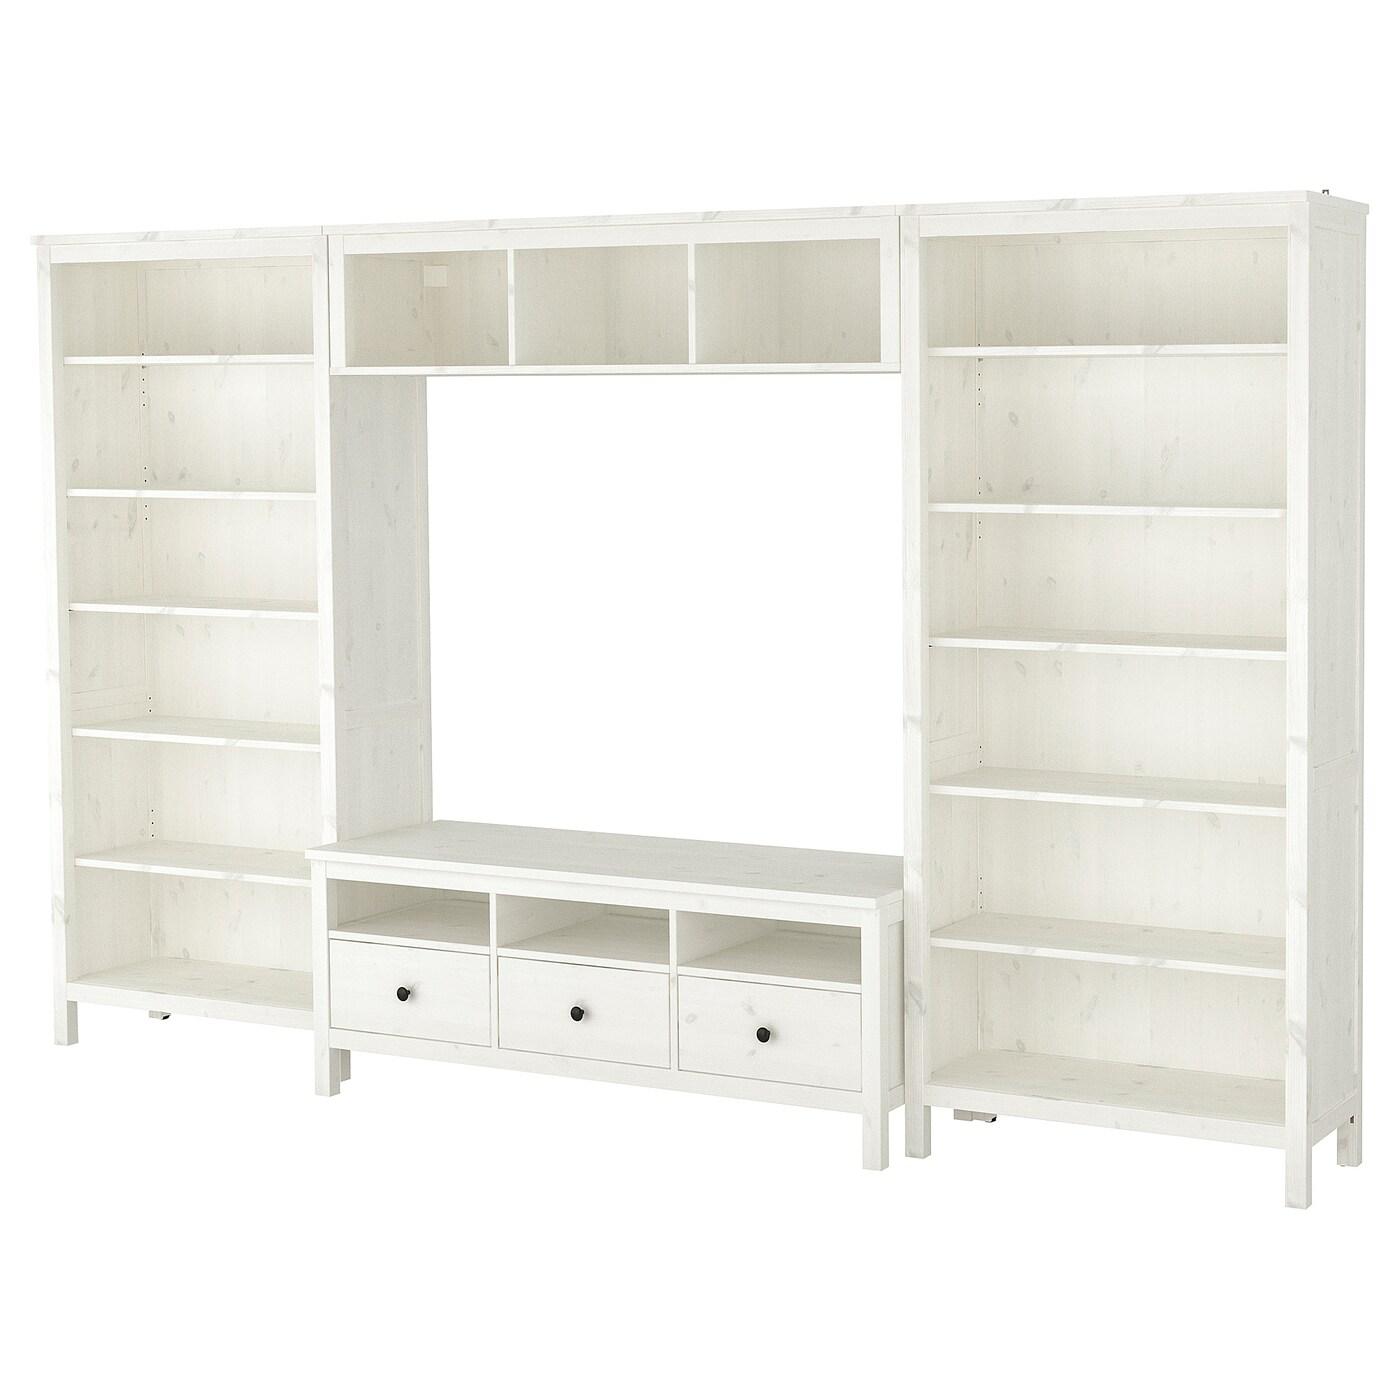 Hemnes Combinaison Meuble Tv Teinté Blanc 326 X 197 Cm Ikea